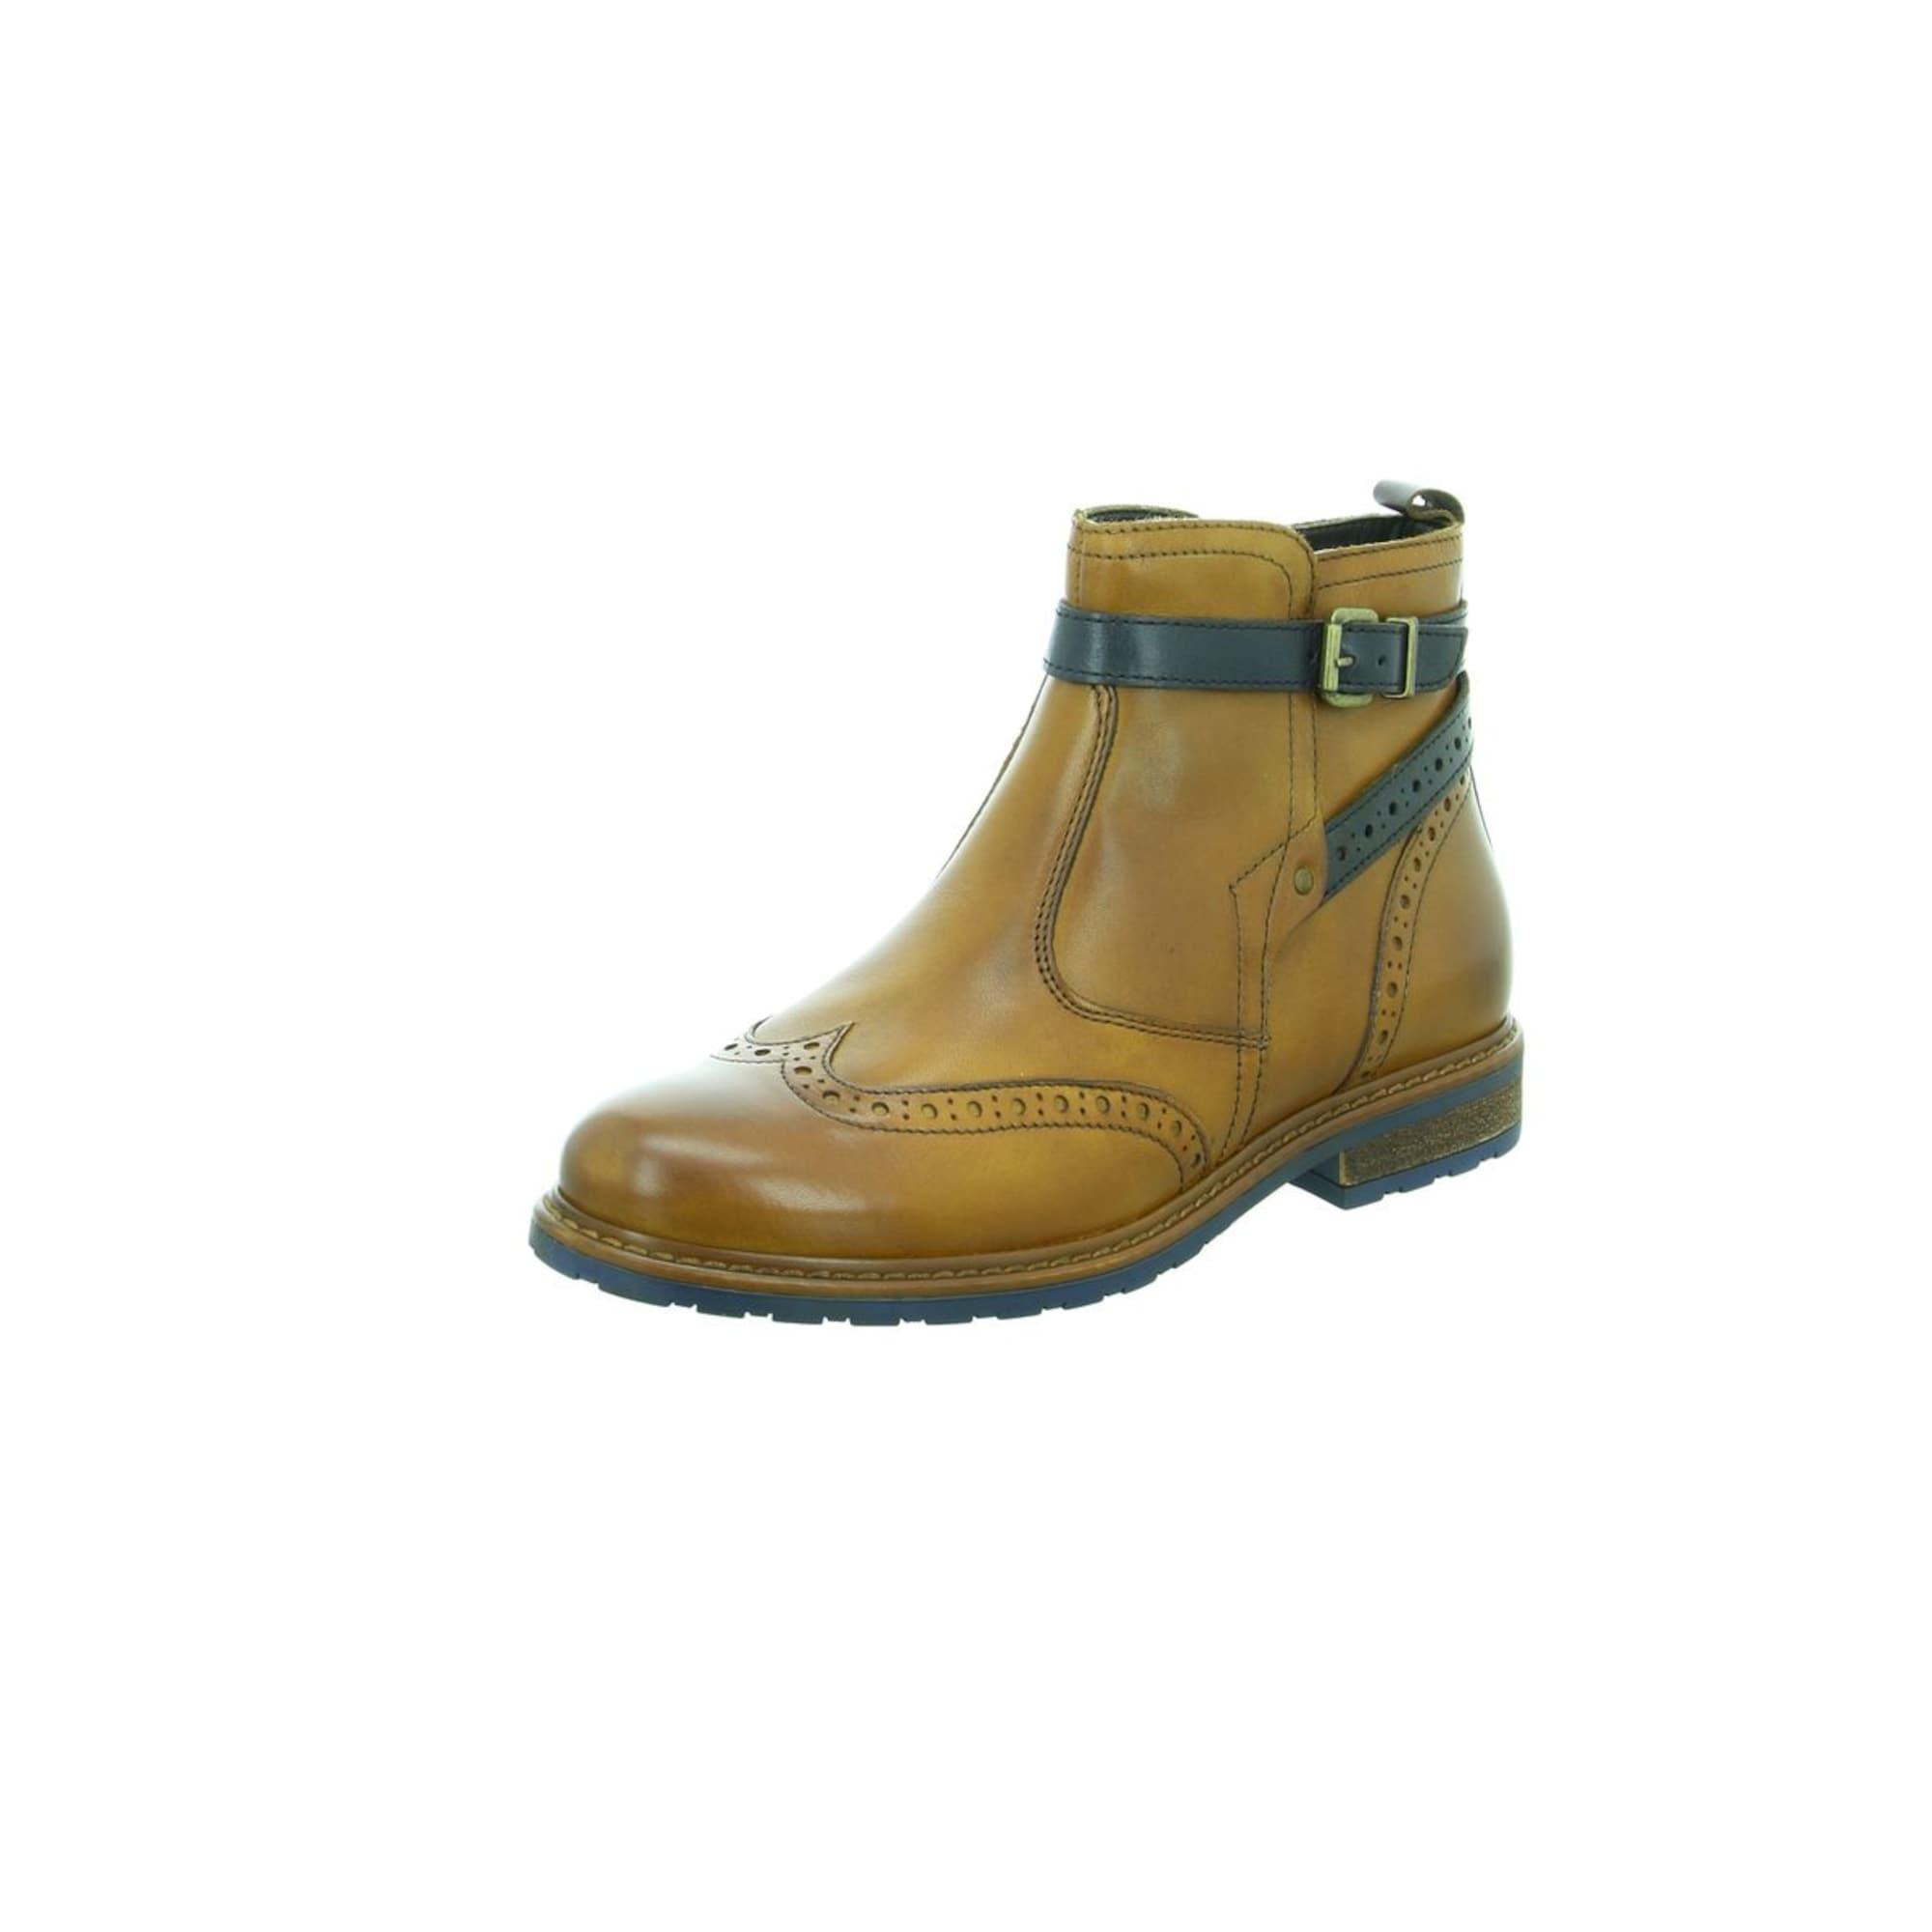 Stiefel | Schuhe > Stiefel > Sonstige Stiefel | tamaris